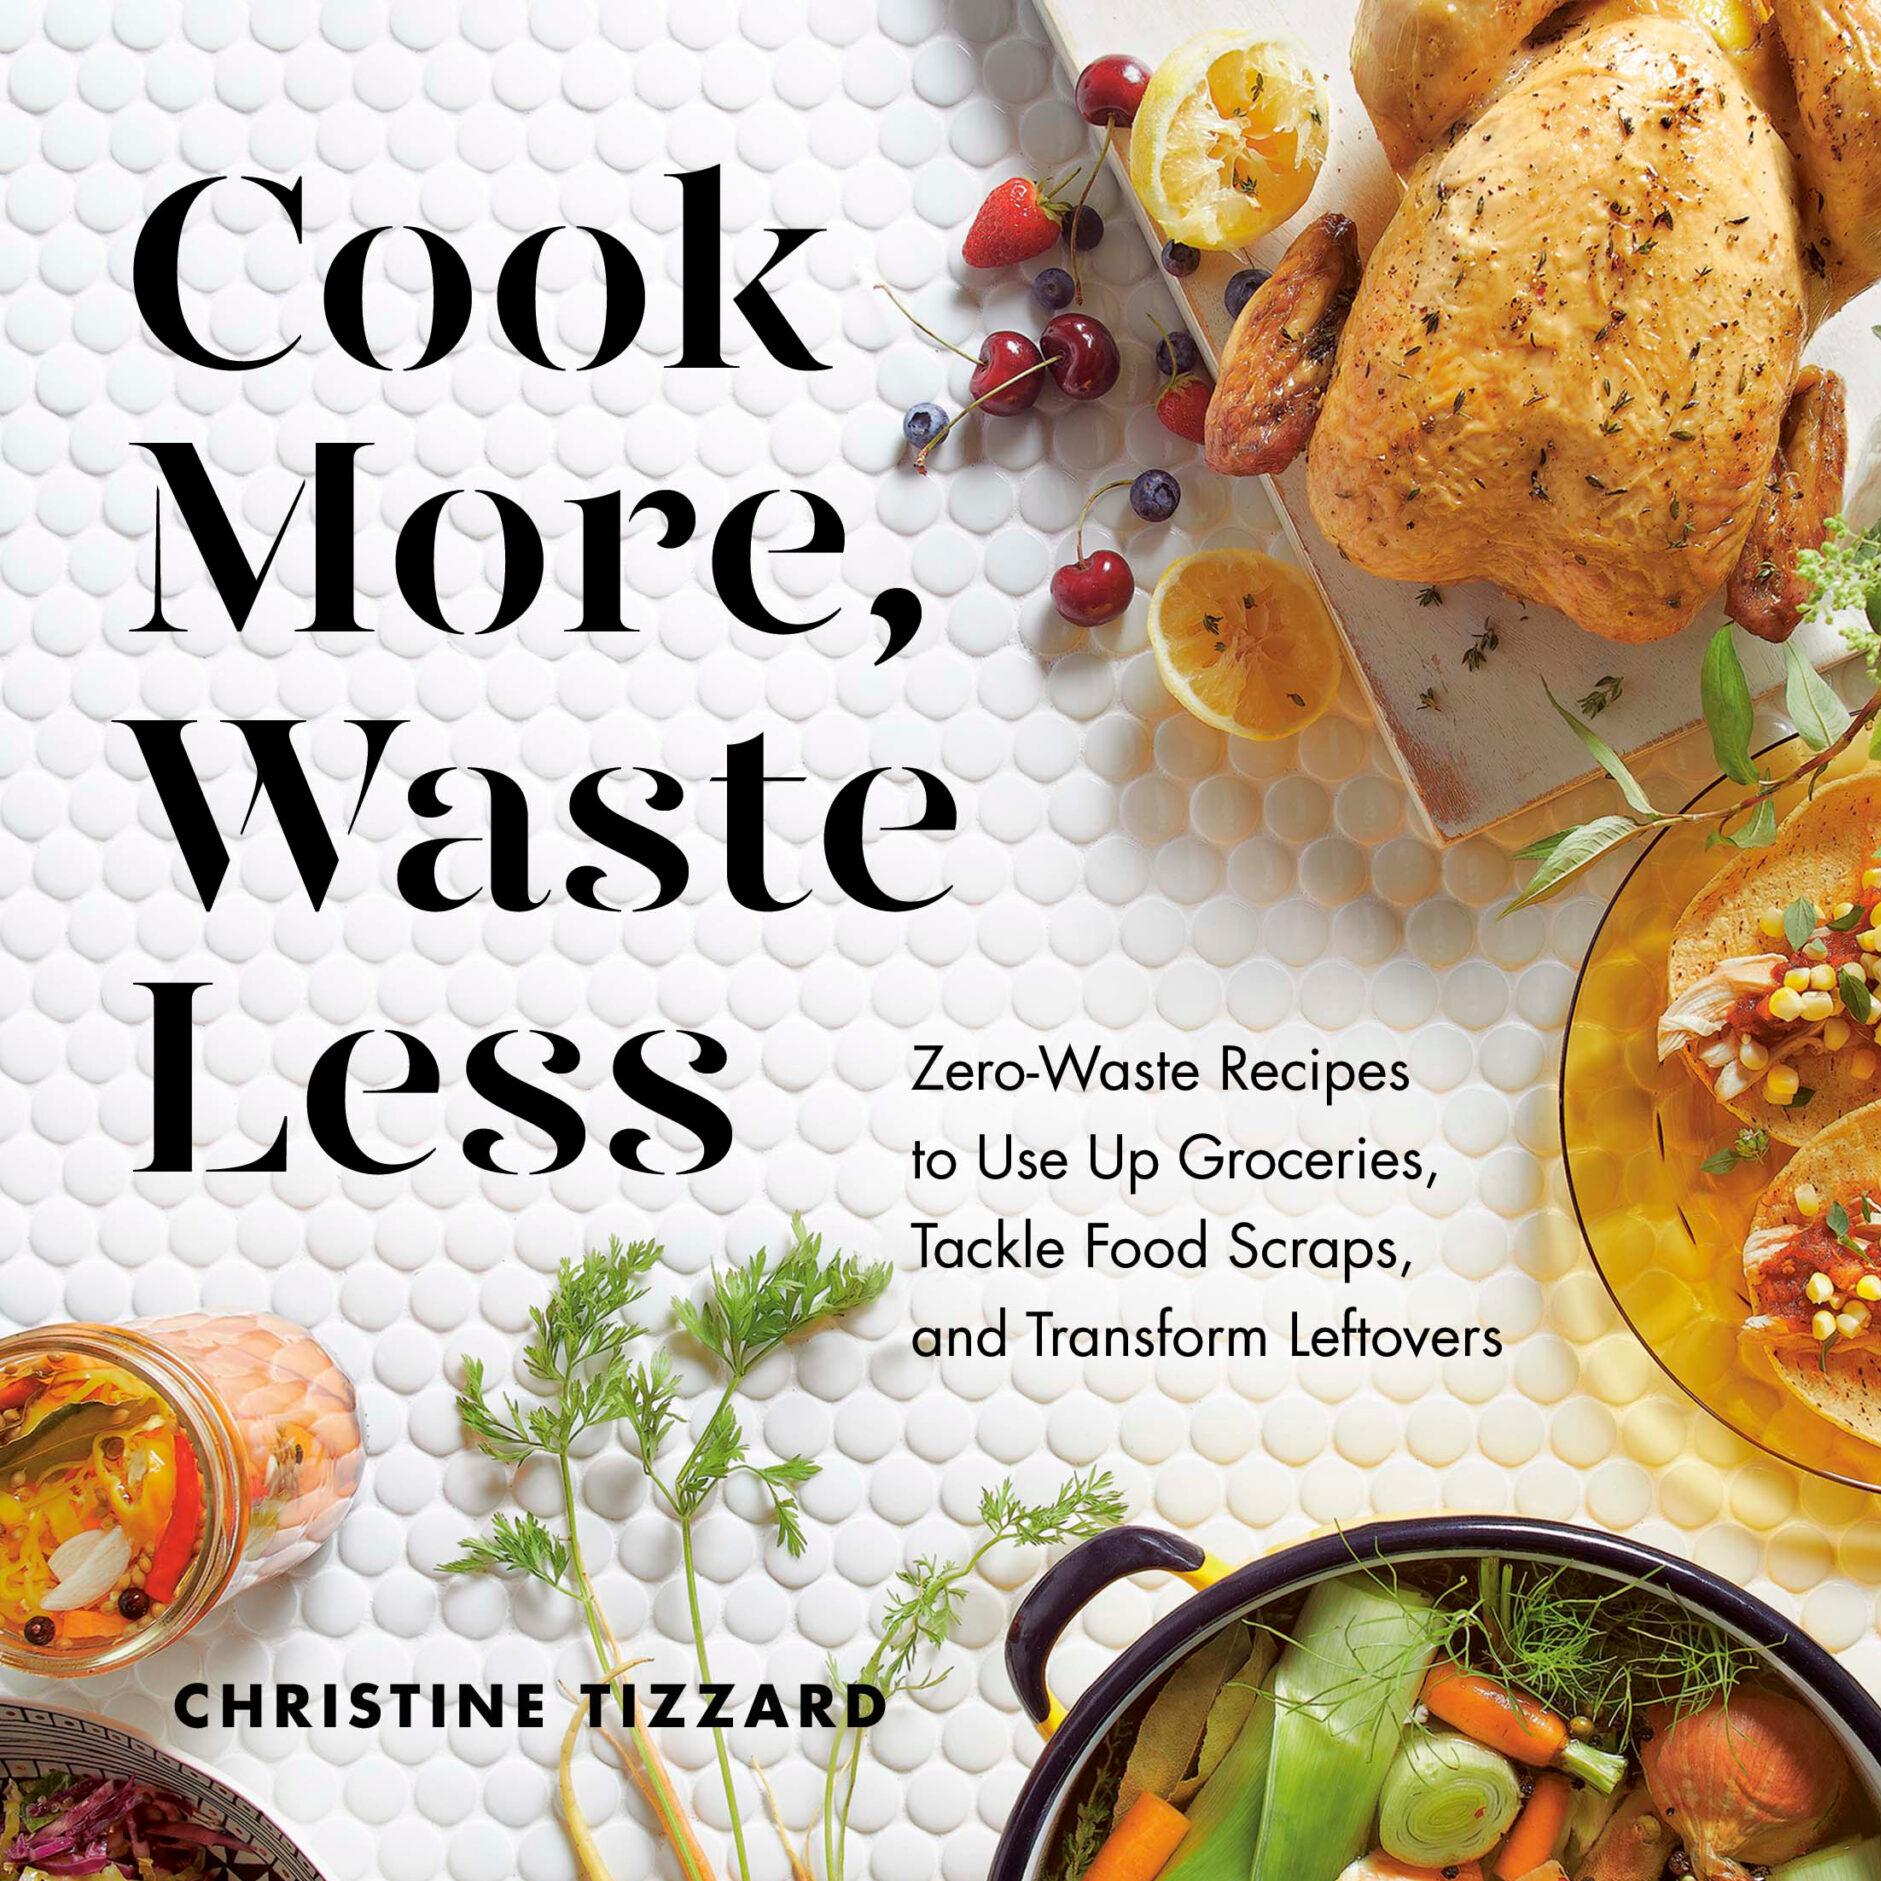 Christine Tizzard Zero waste recipes cookbook